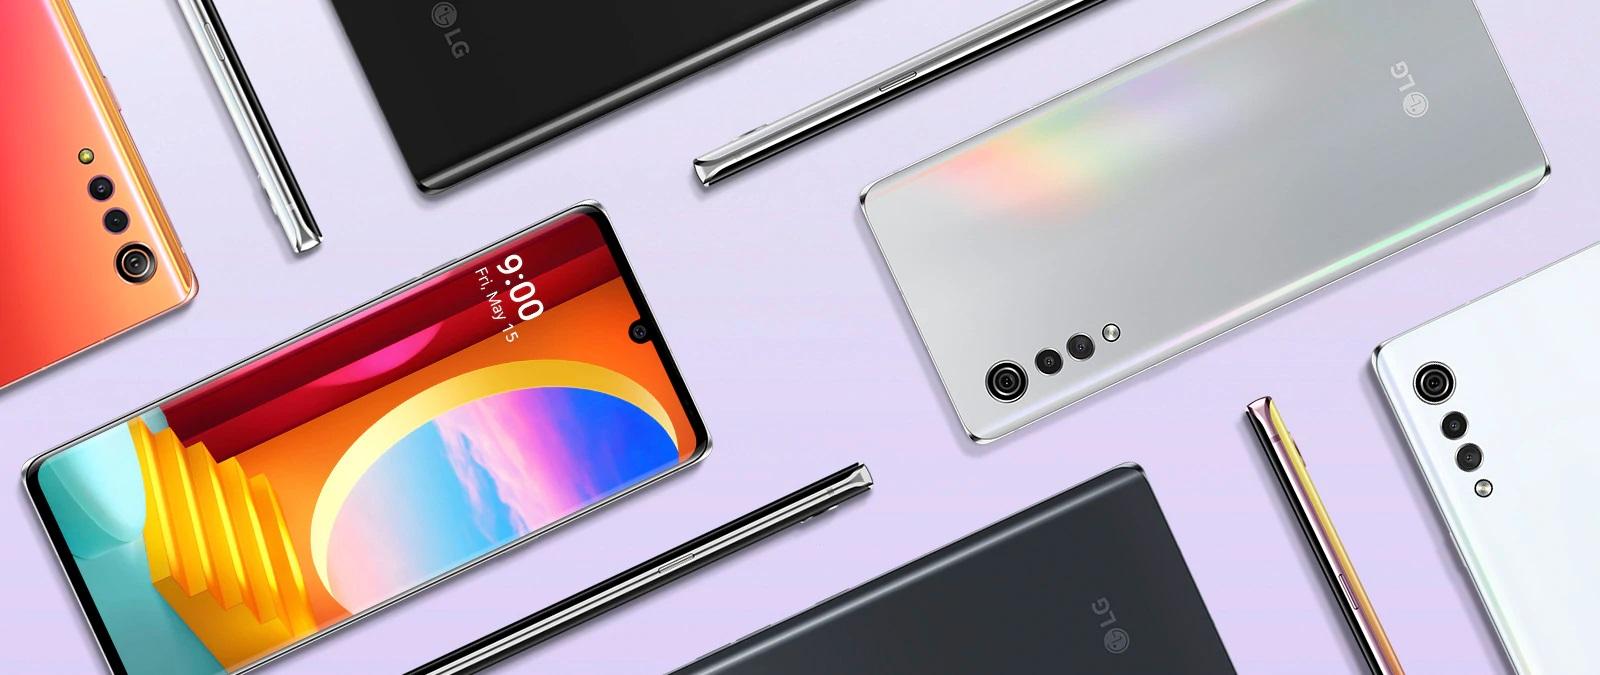 LG Velvet 4G variants